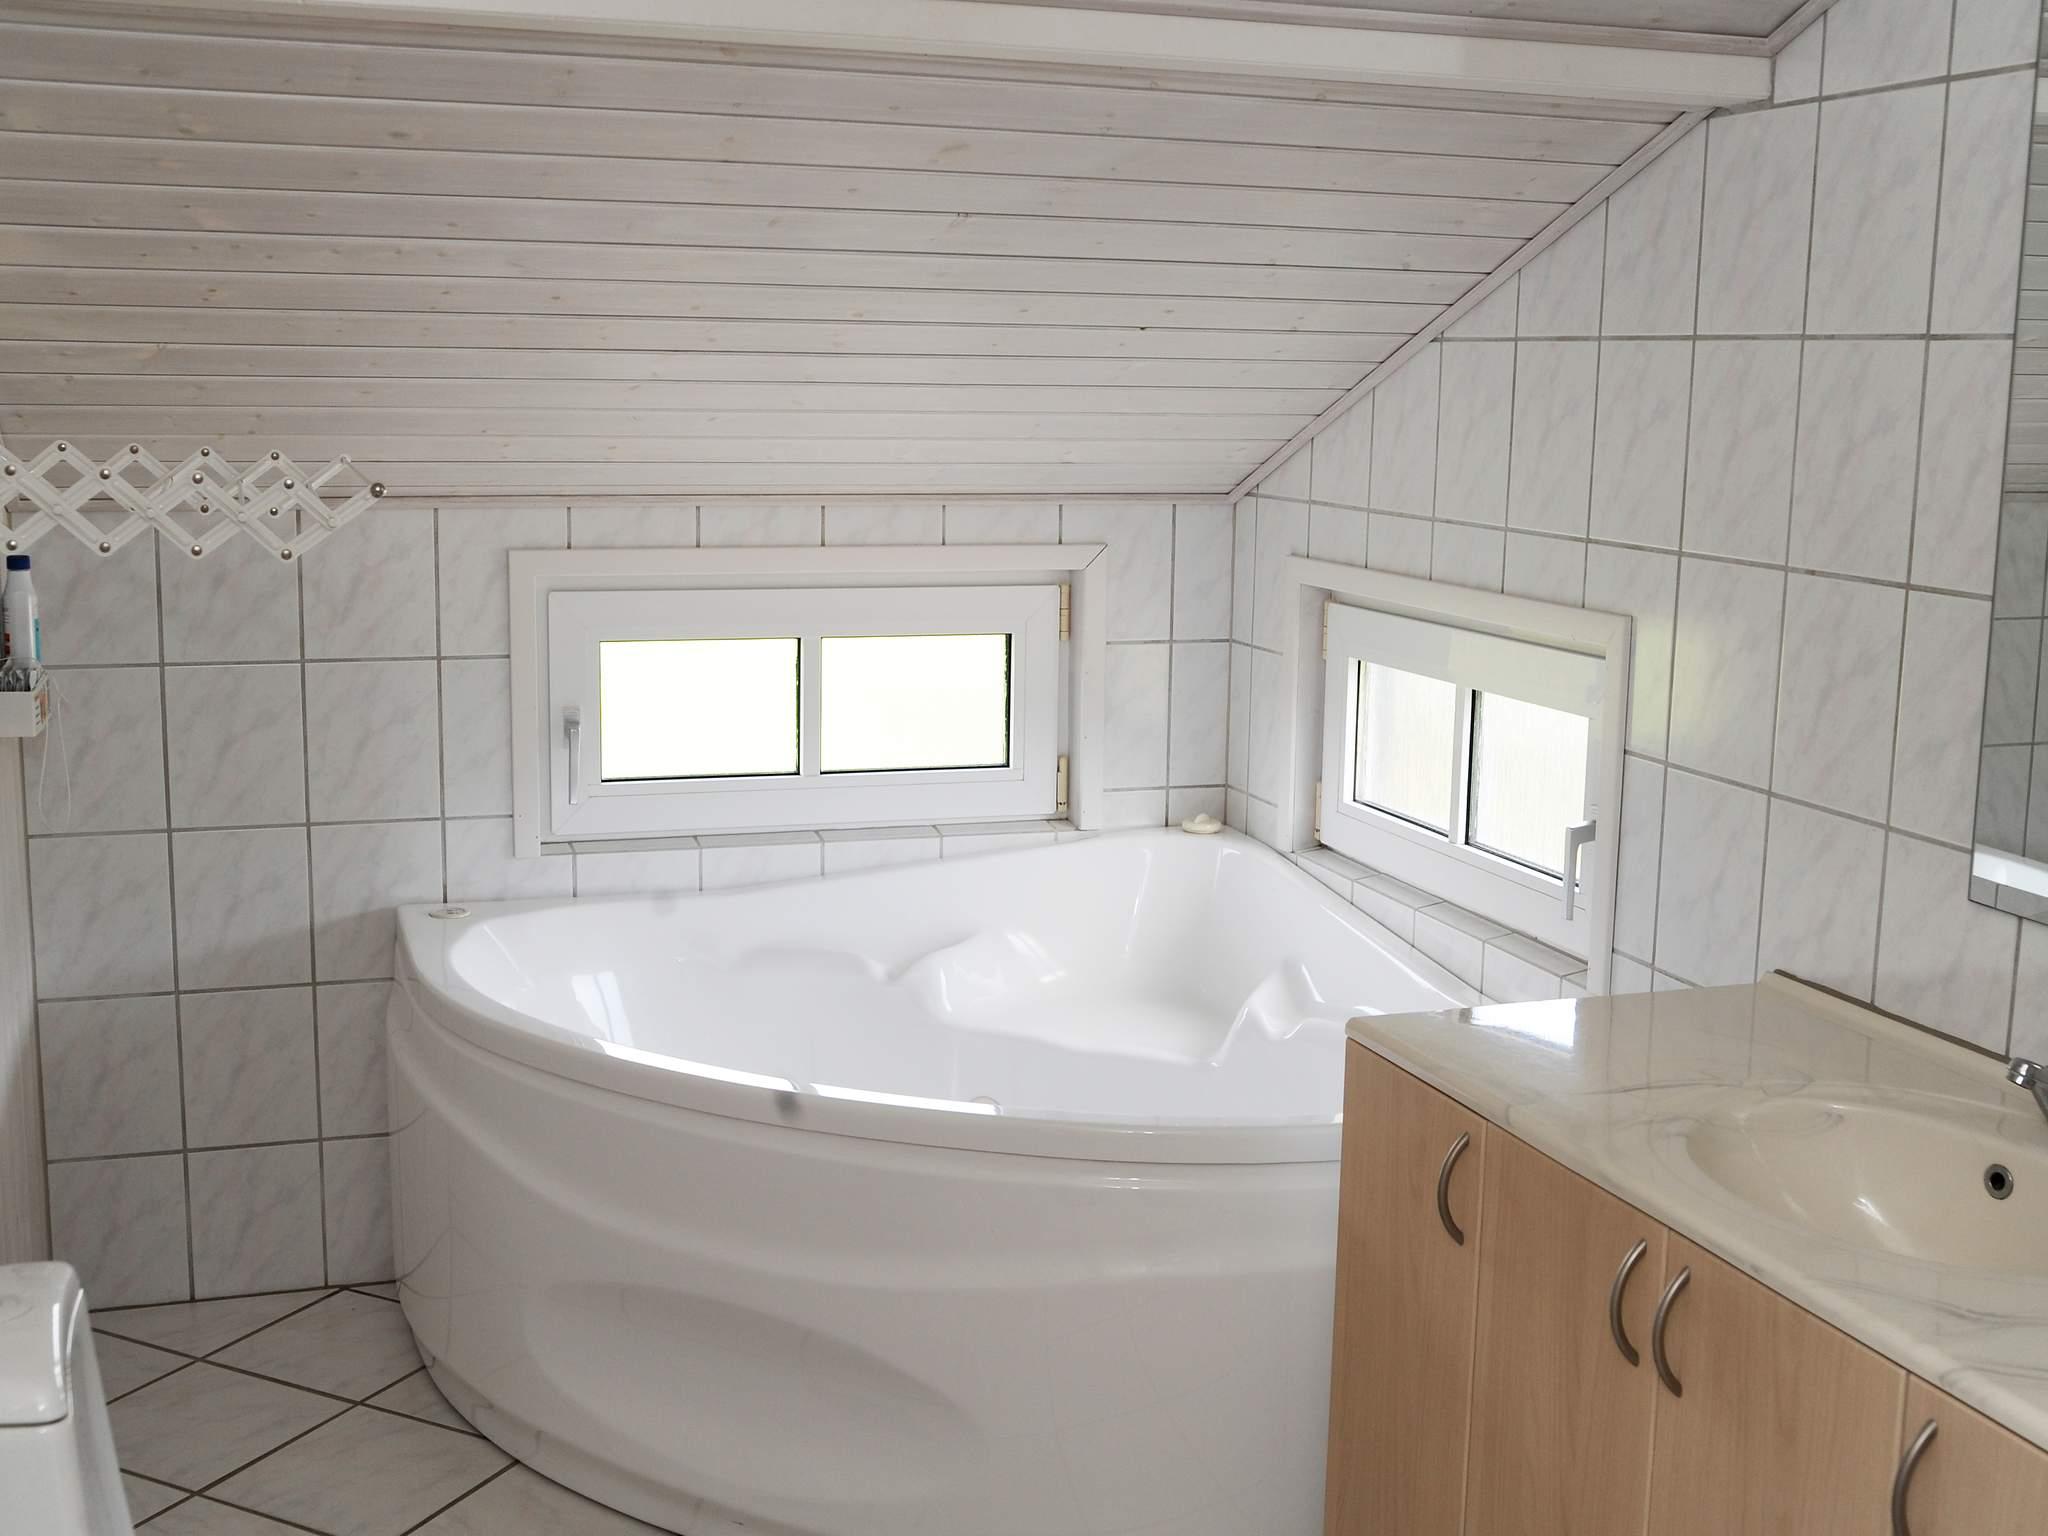 Ferienhaus Bork Havn (88626), Bork Havn, , Westjütland, Dänemark, Bild 4